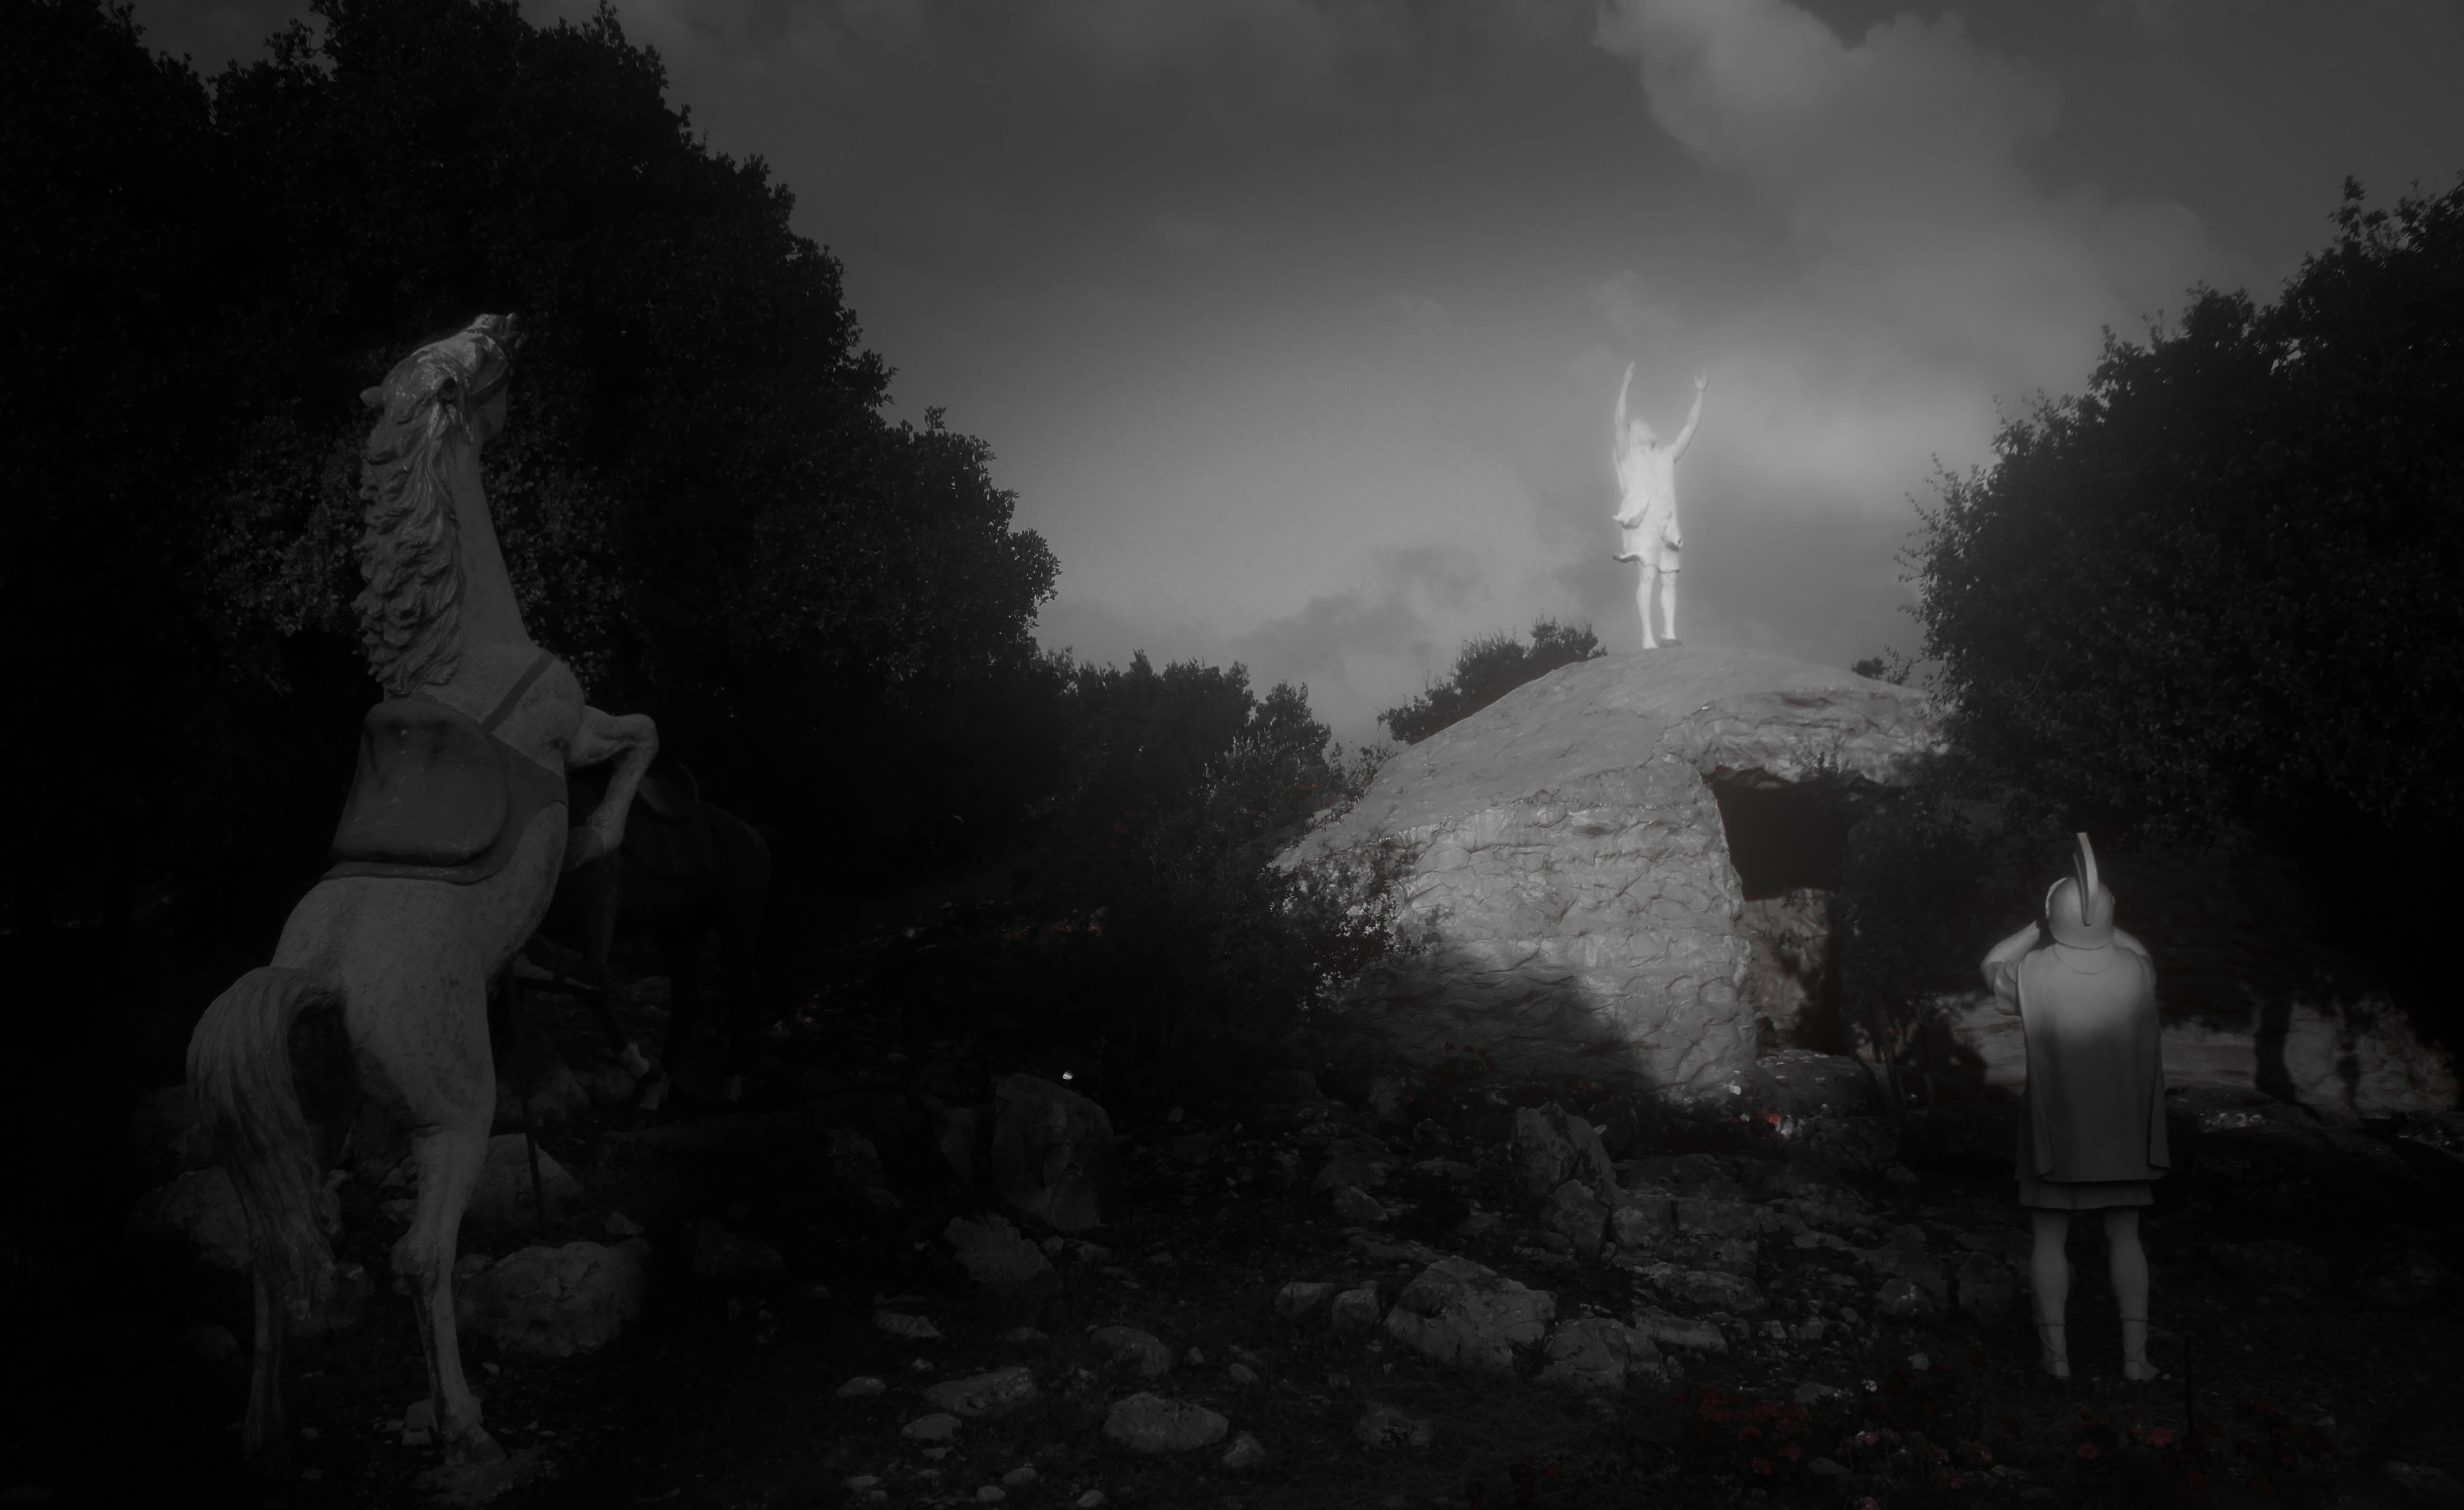 JESUS CONNECTED. Lebanon 2013